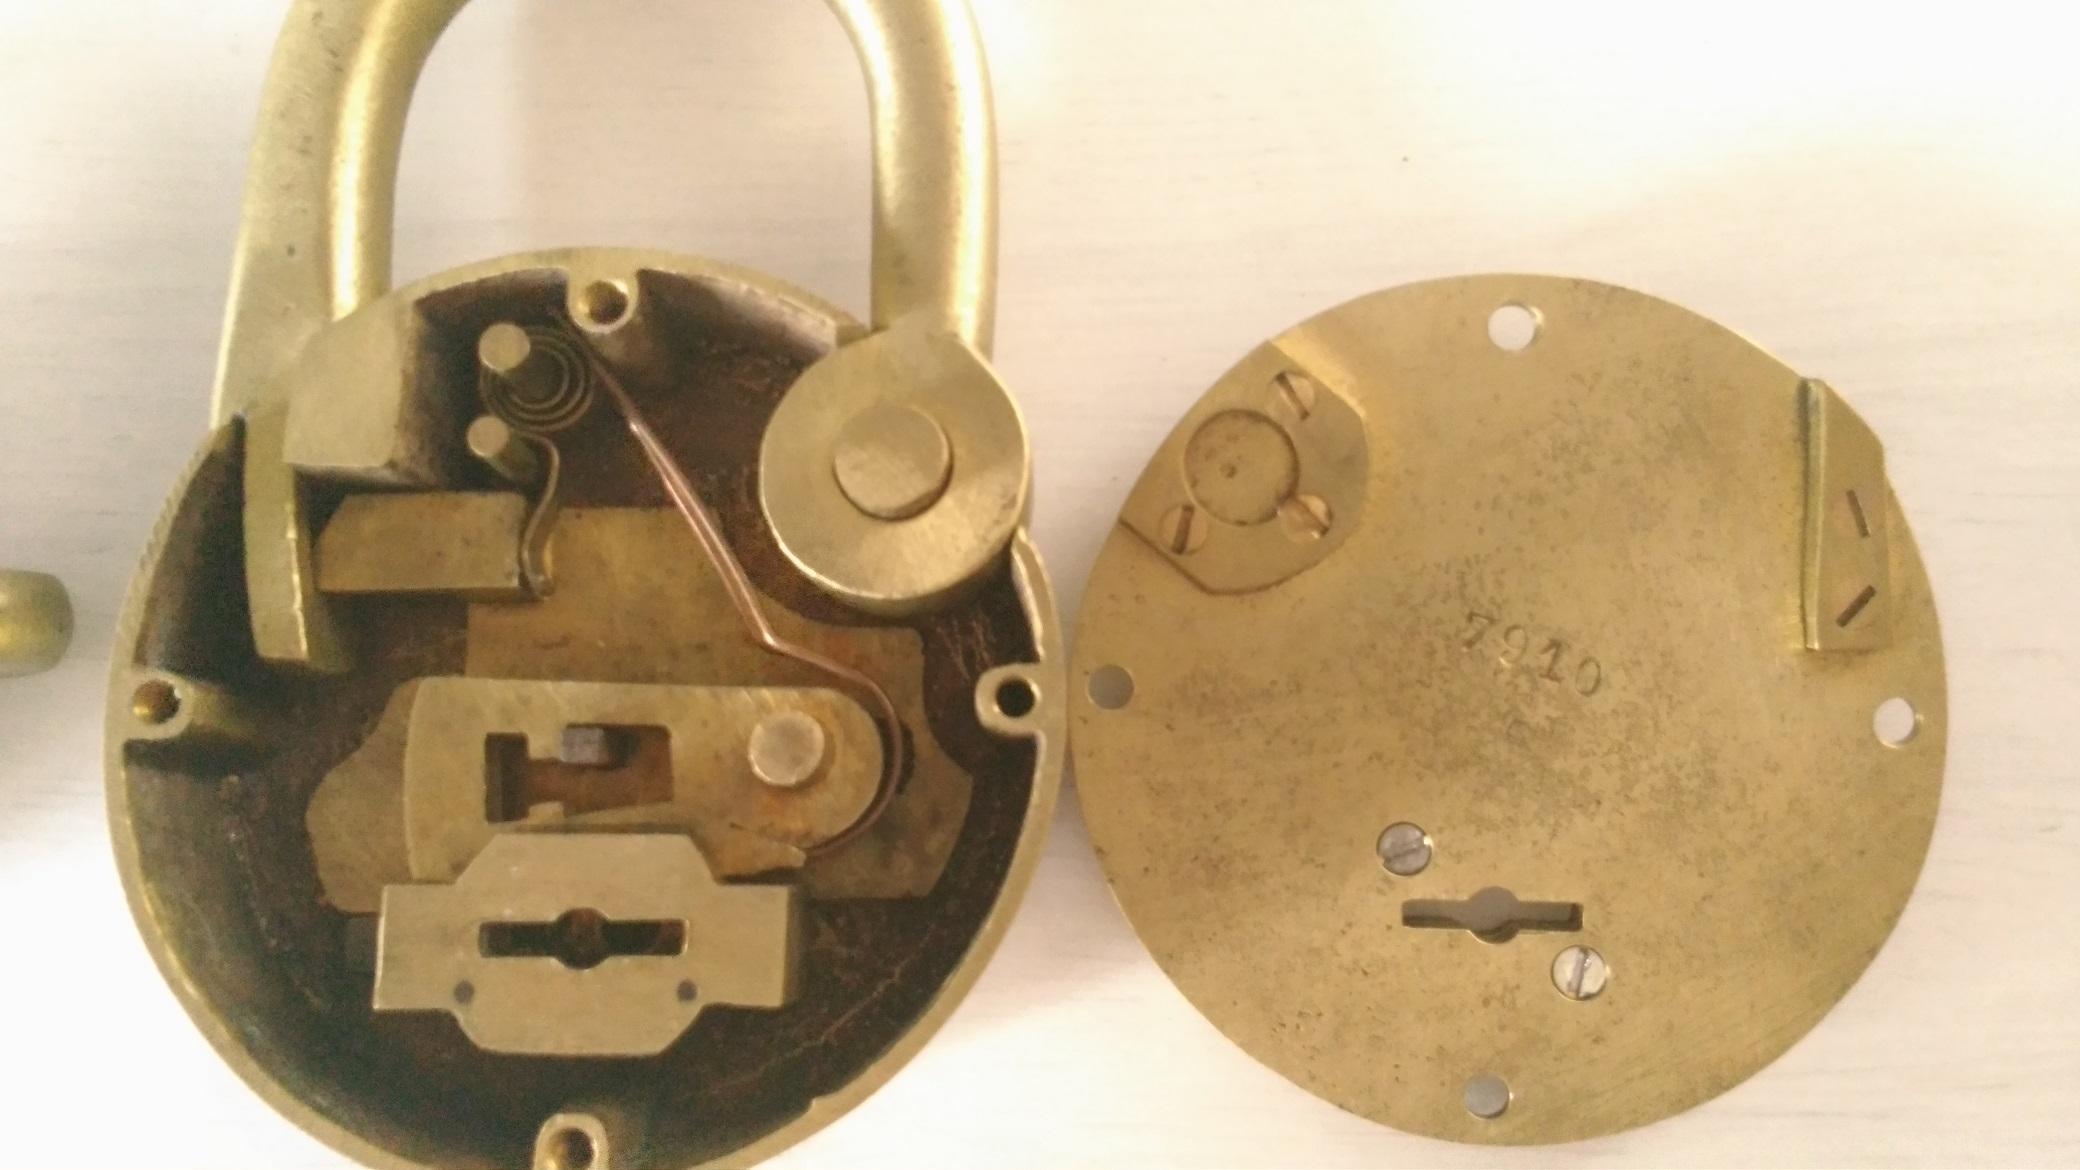 58019d0221c Fabrication clef pour cadenas deny ancien - locksport.fr